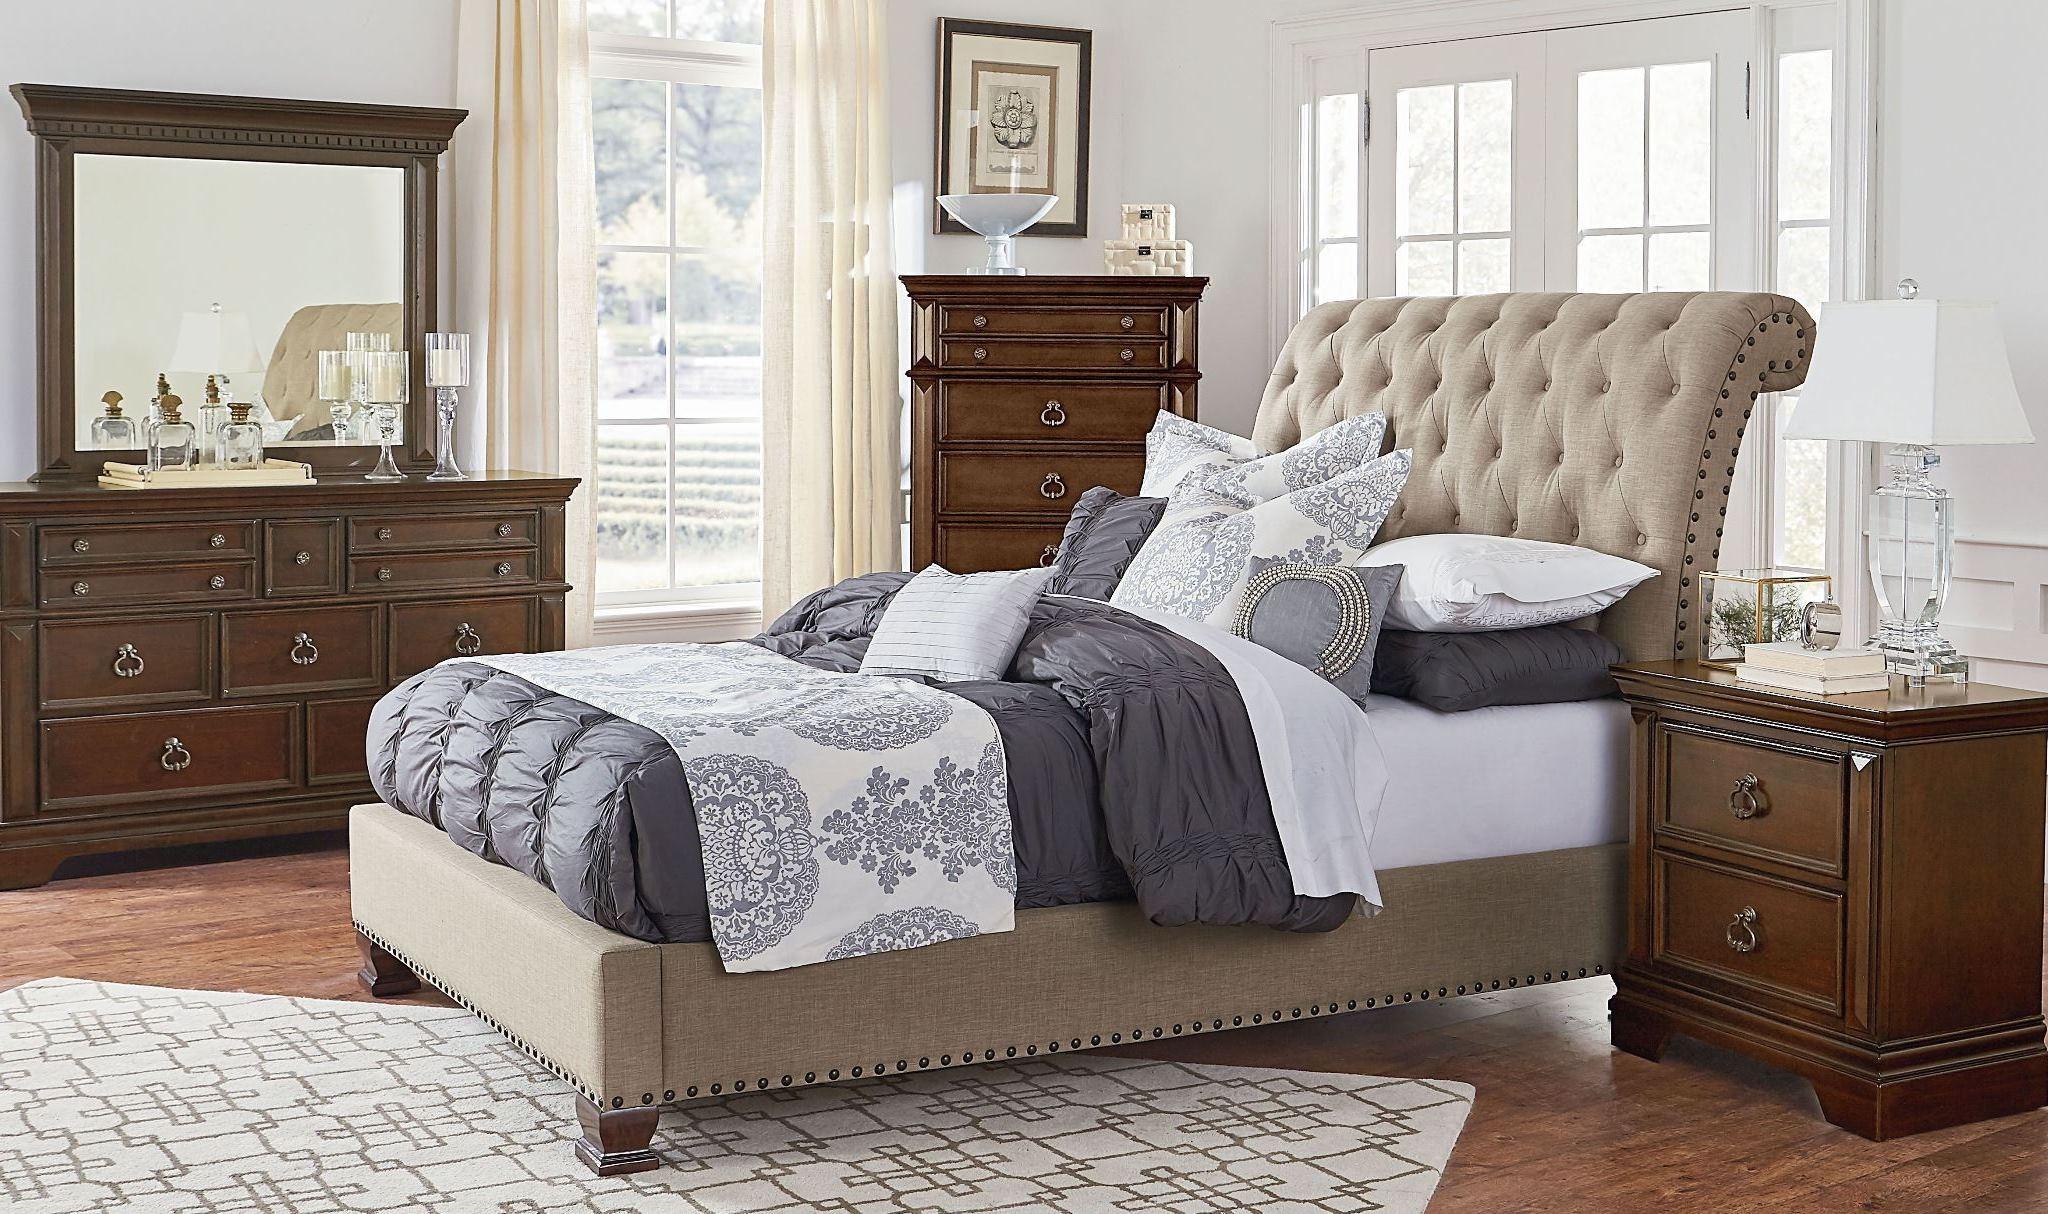 Charleston Burnished Tobacco Upholstered Bedroom Set 960 51 52 Standard Furniture